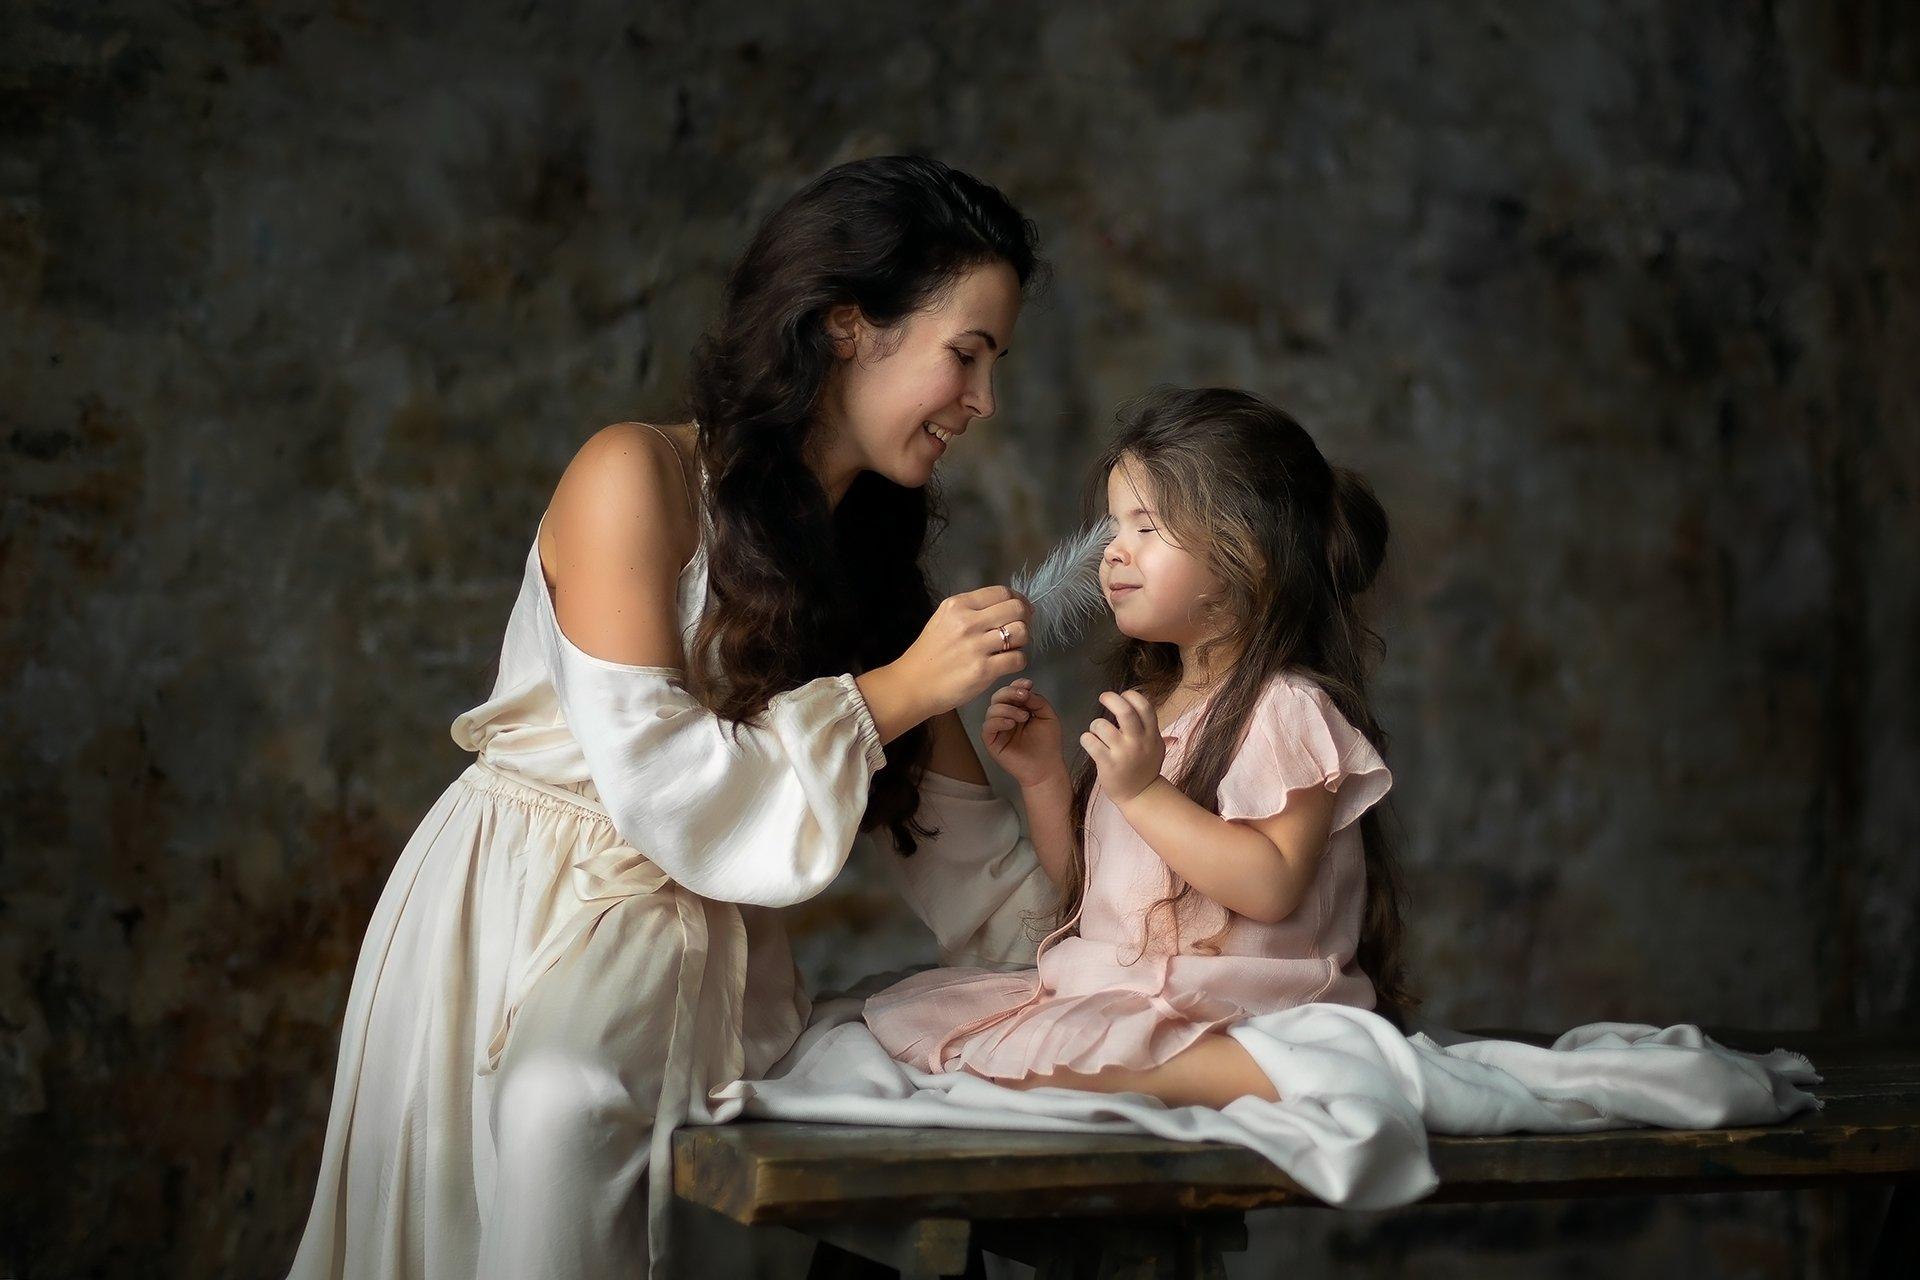 семья. мать и дочь. любовь. дети., Рыбалко Татьяна